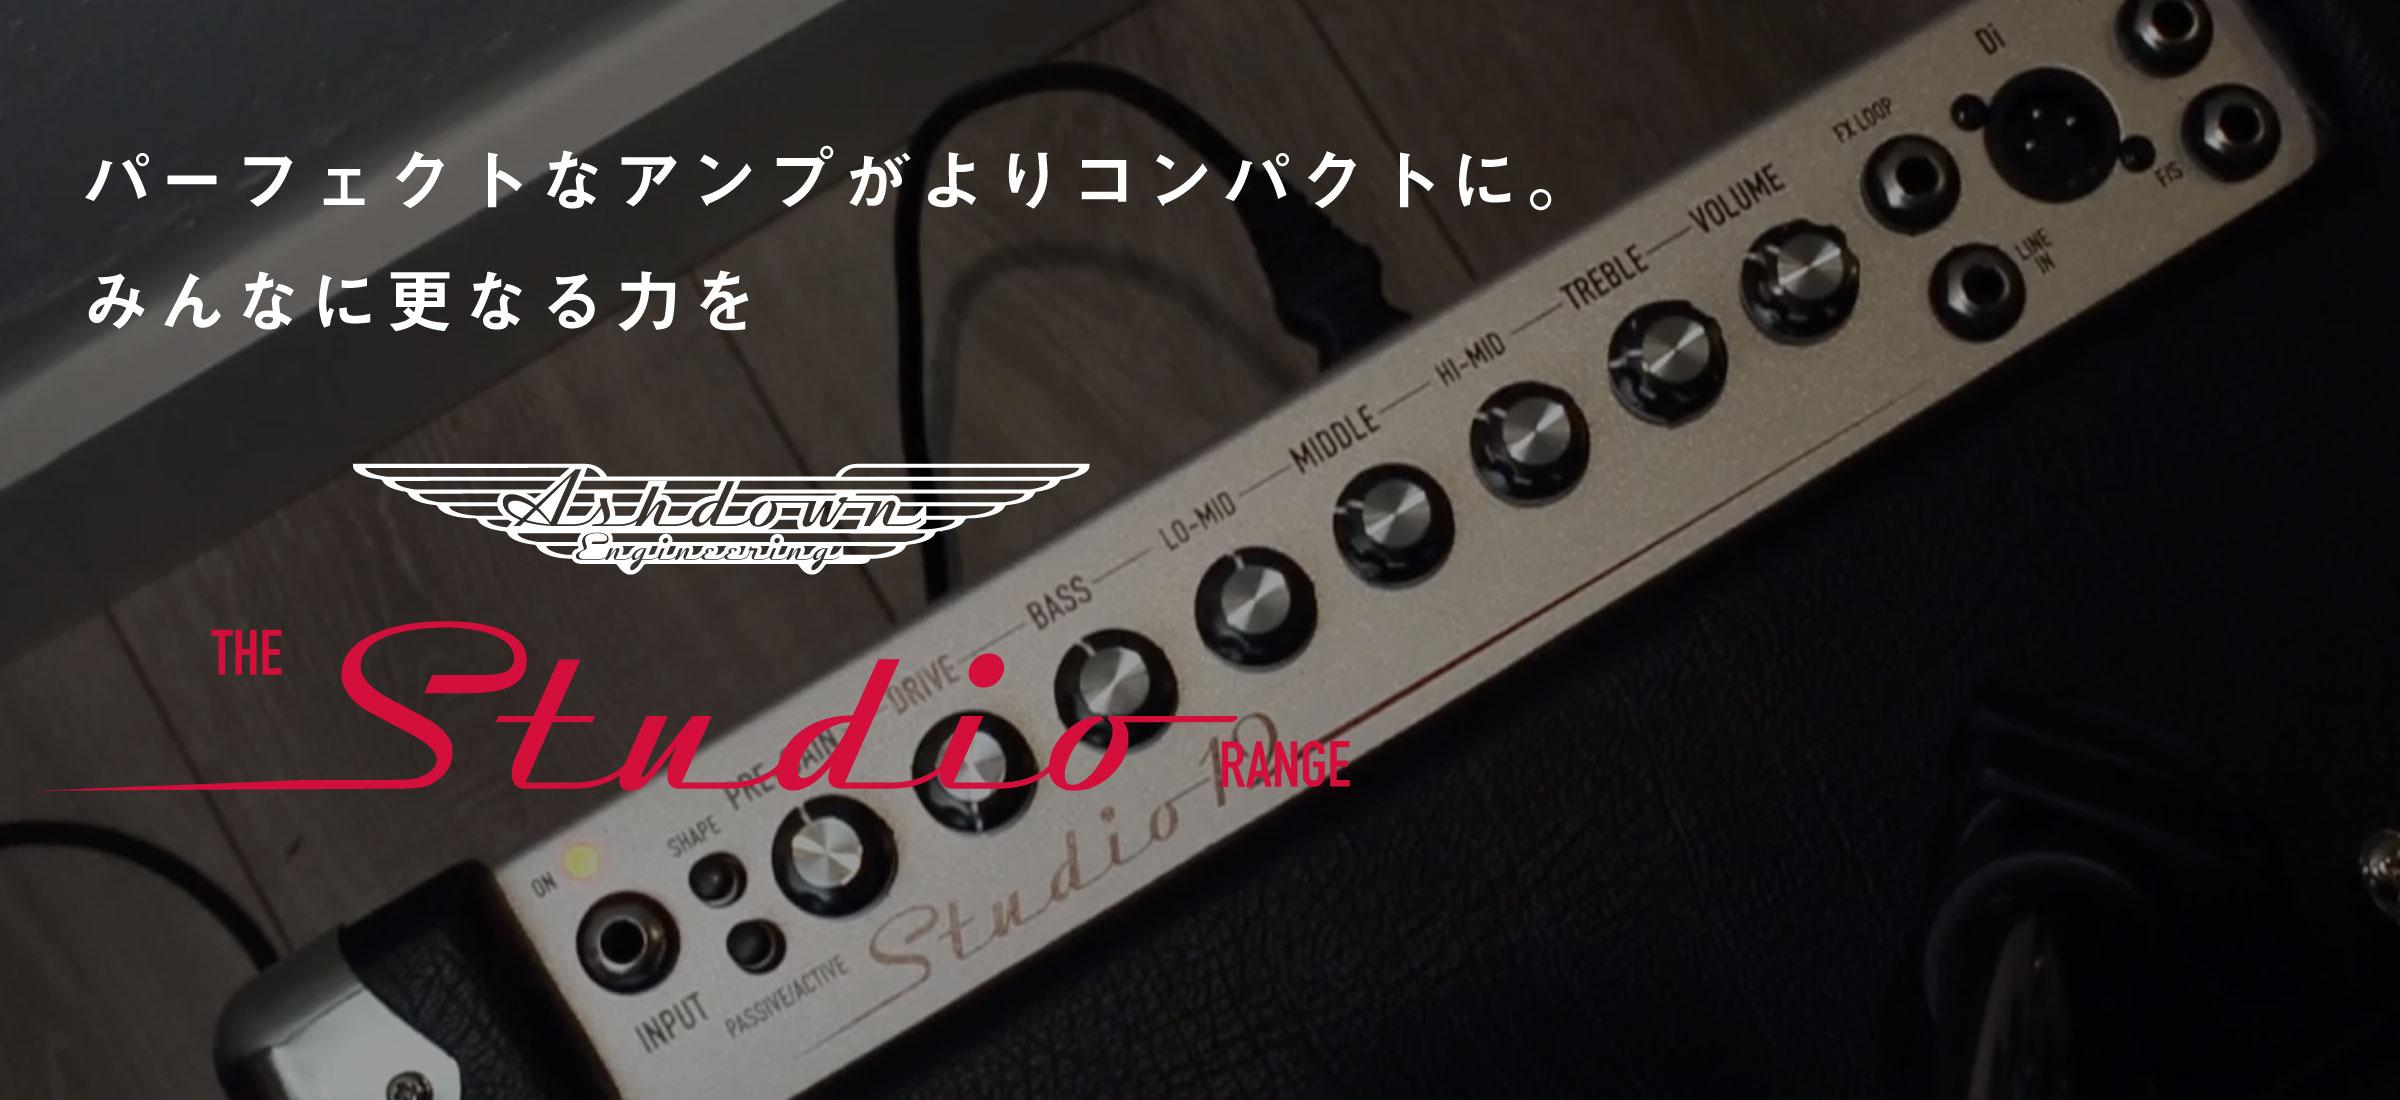 【ASHDOWN】よりコンパクトになったベースコンボアンプStudio  Range登場!